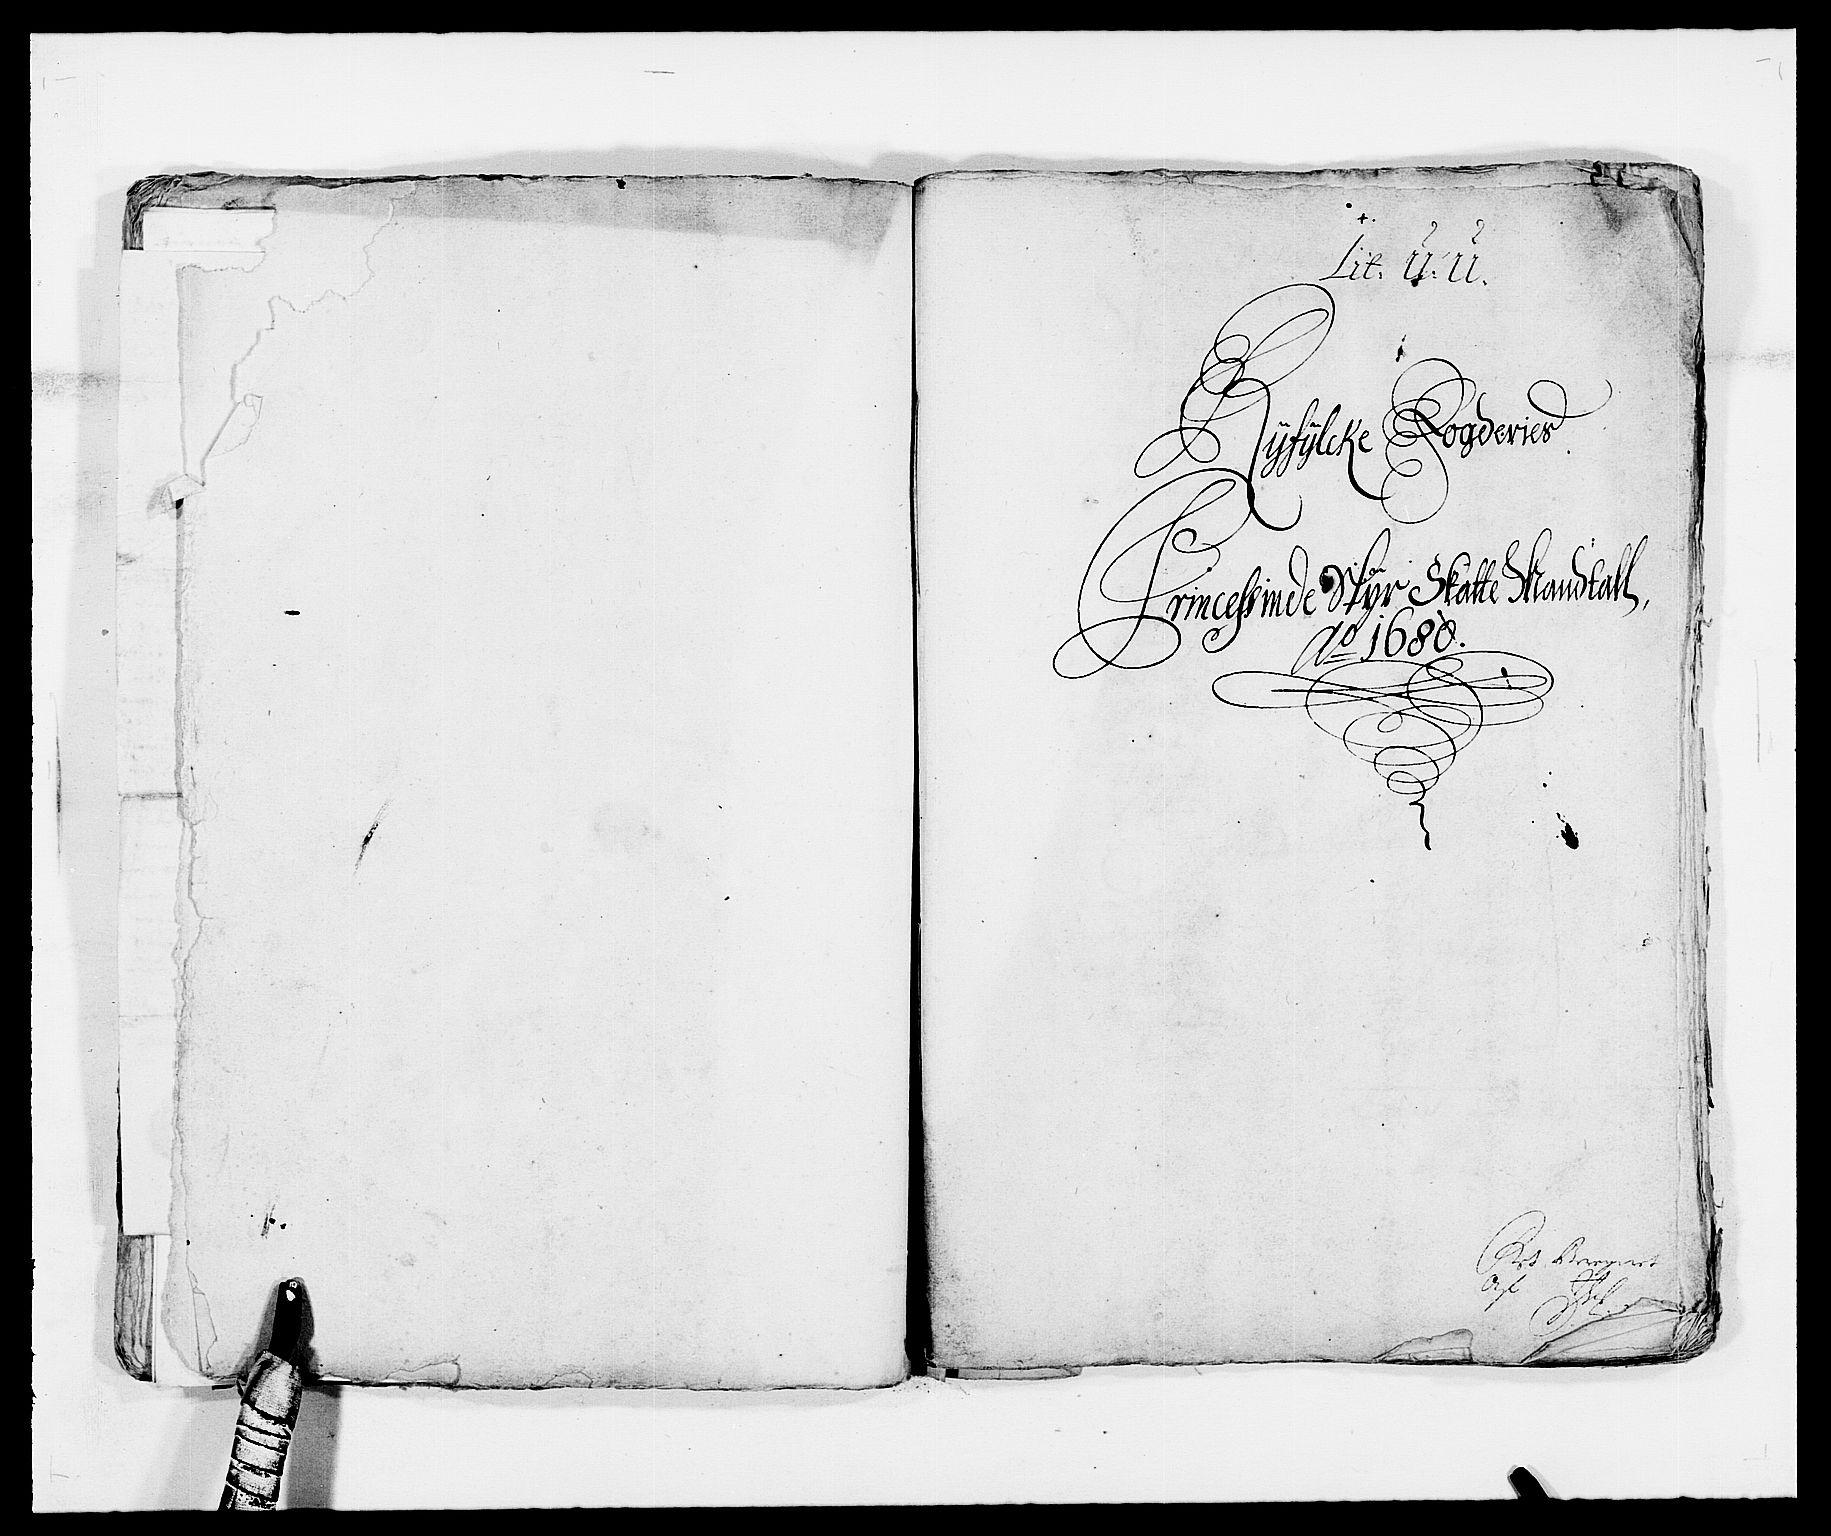 RA, Rentekammeret inntil 1814, Reviderte regnskaper, Fogderegnskap, R47/L2850: Fogderegnskap Ryfylke, 1680, s. 48